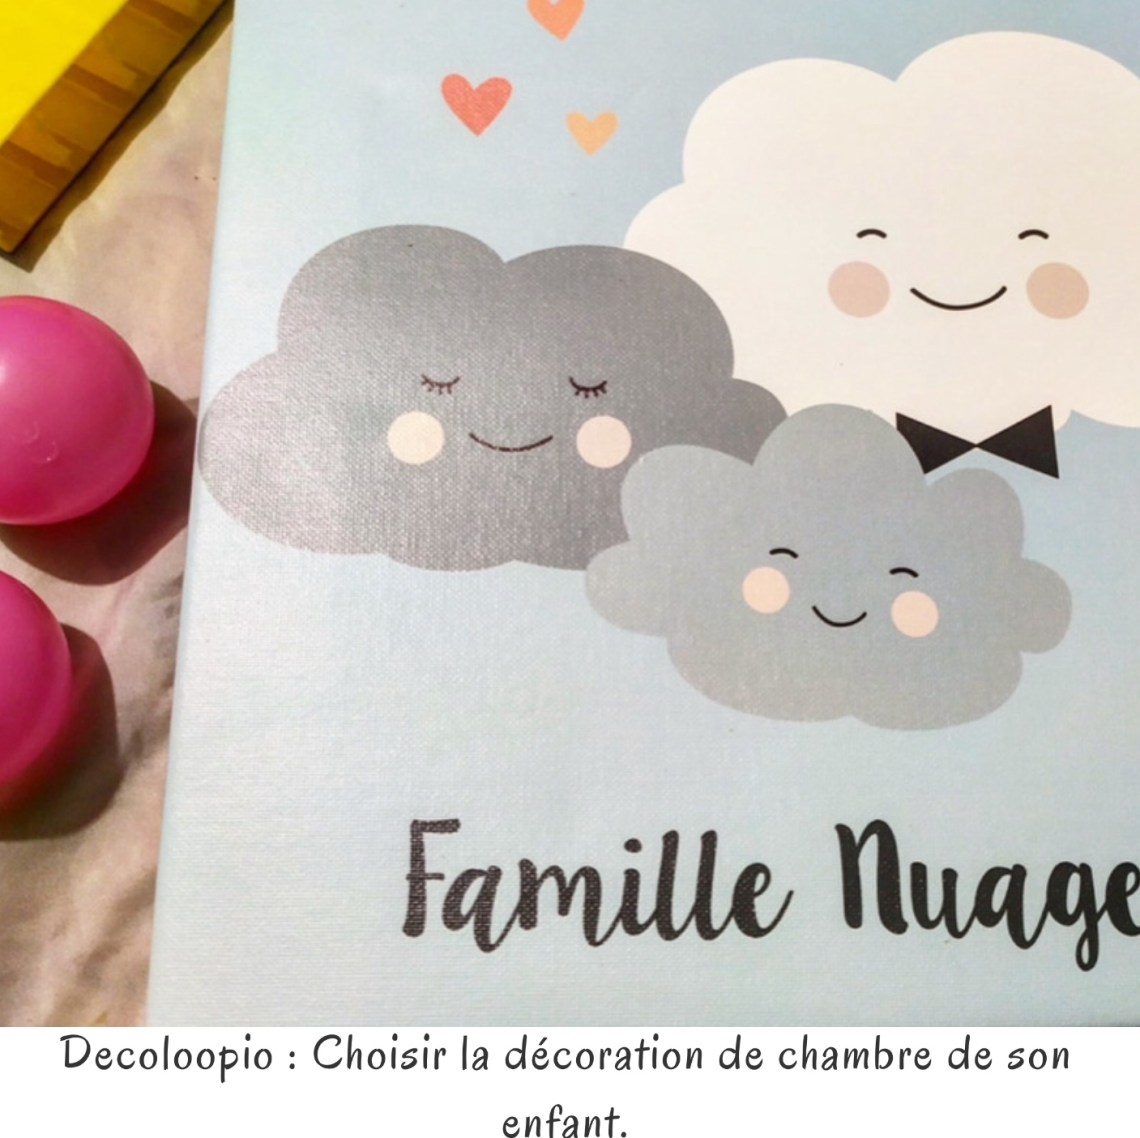 Decoloopio : Choisir la décoration de chambre de son enfant.